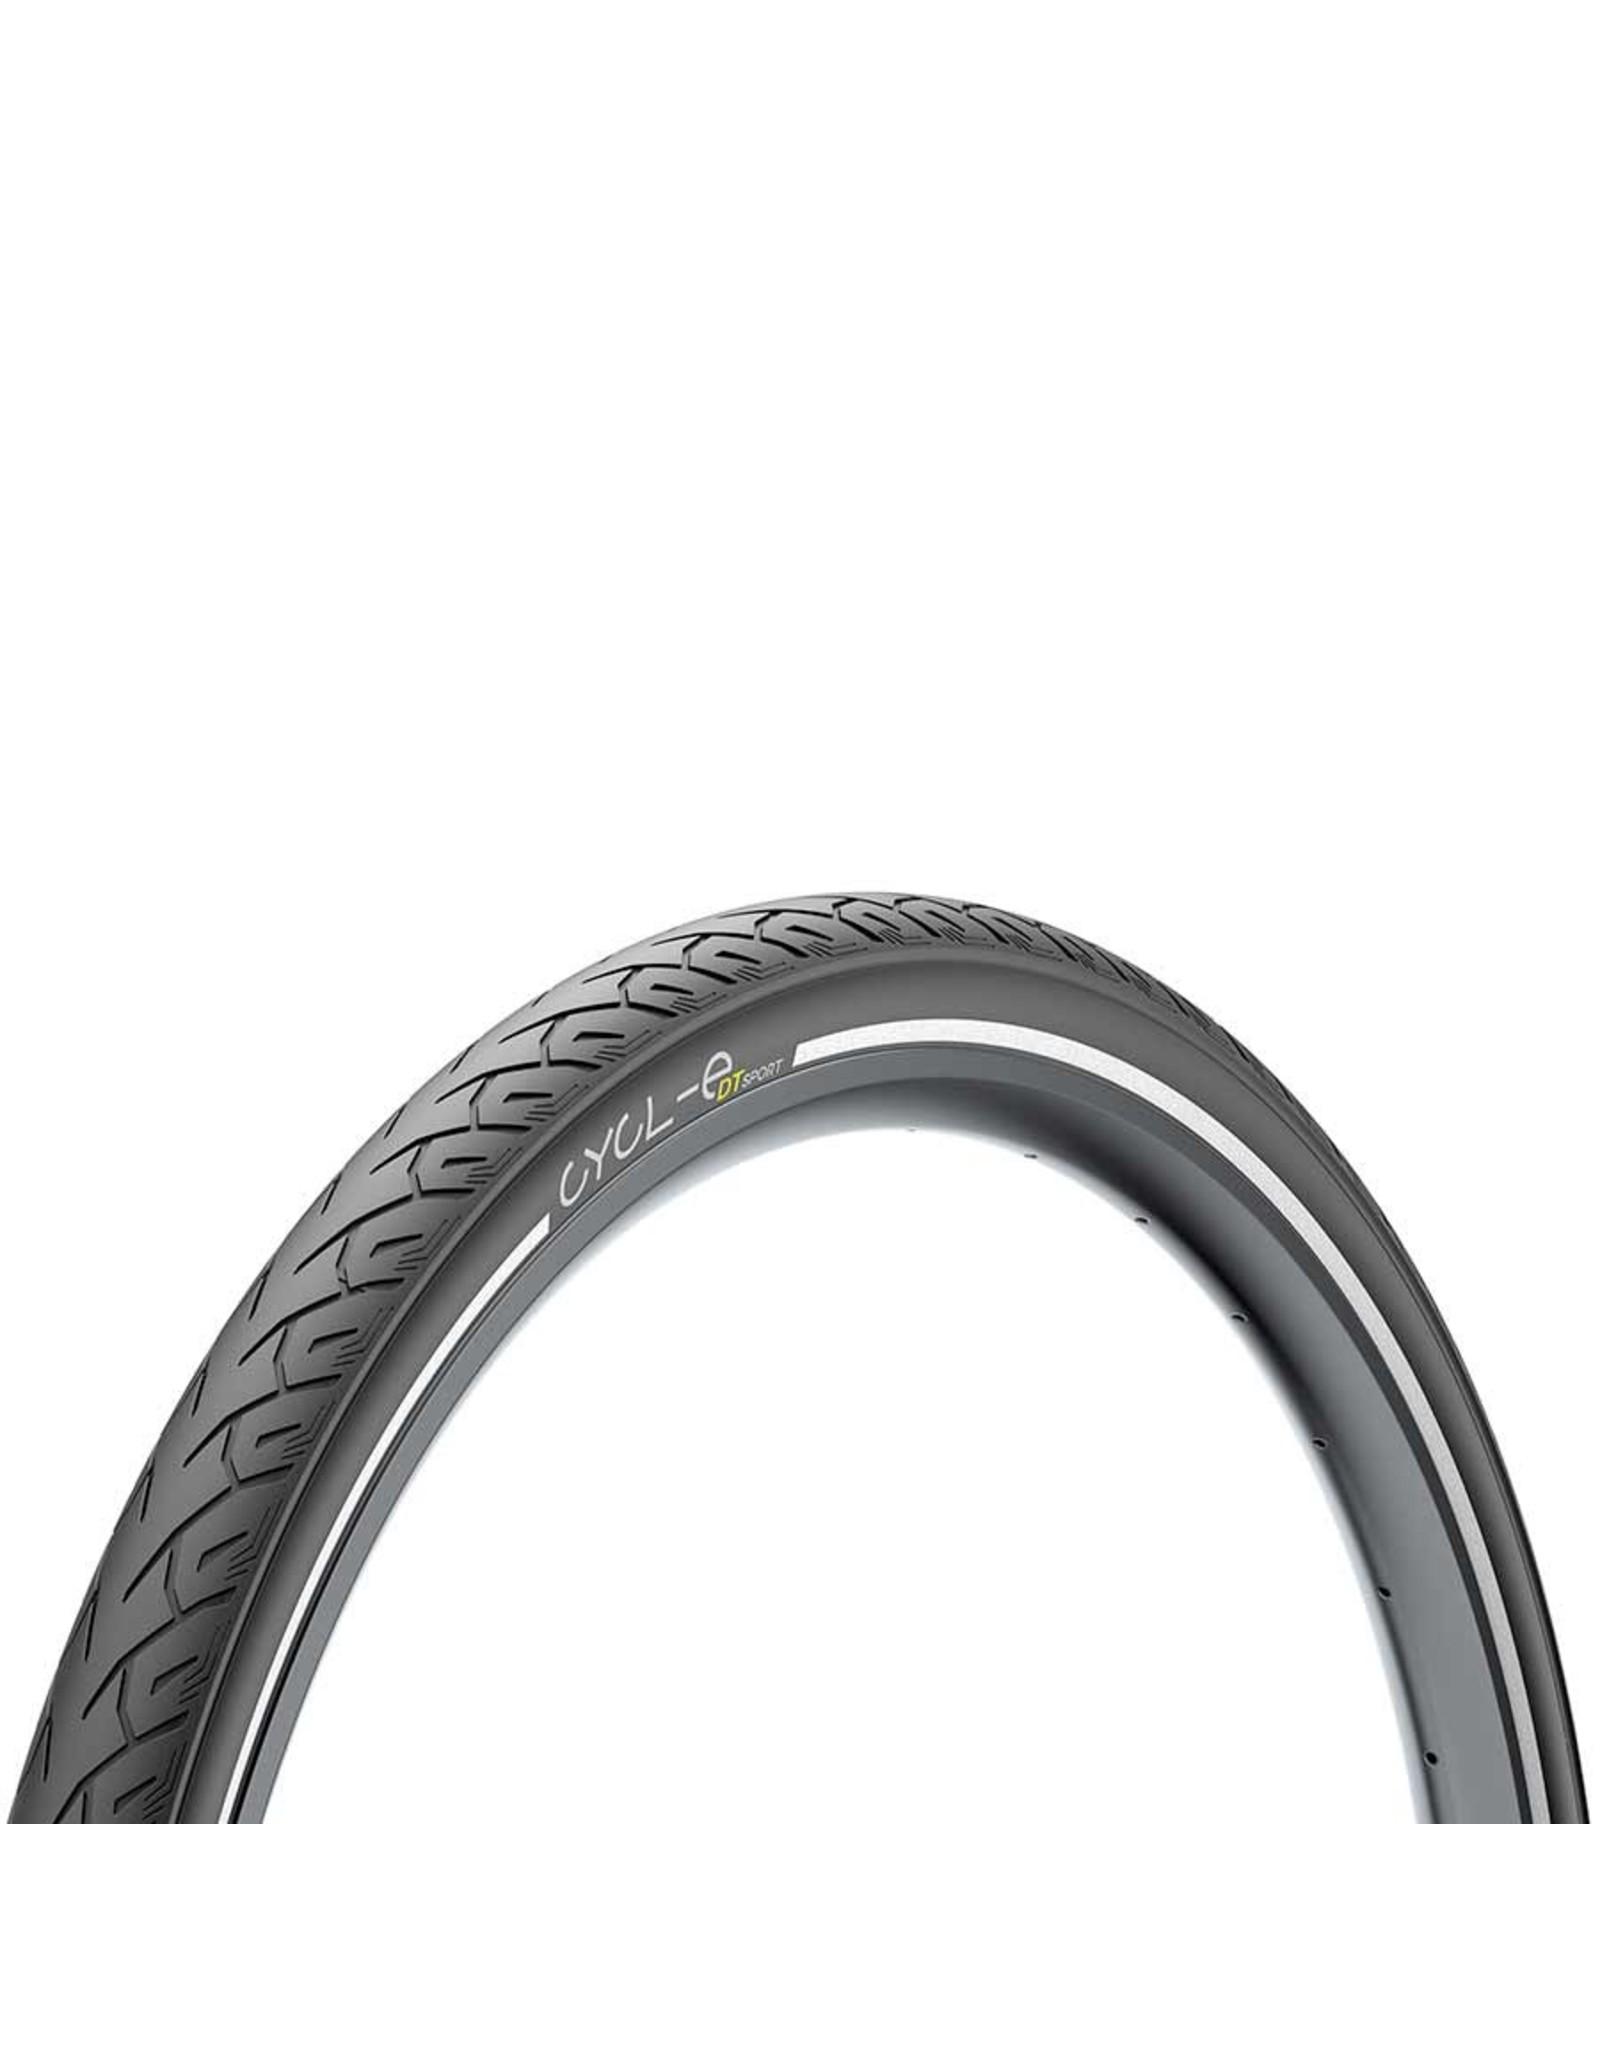 Pirelli, Cycl-e DTs, Tire, 700x35C, Wire, Clincher, Black